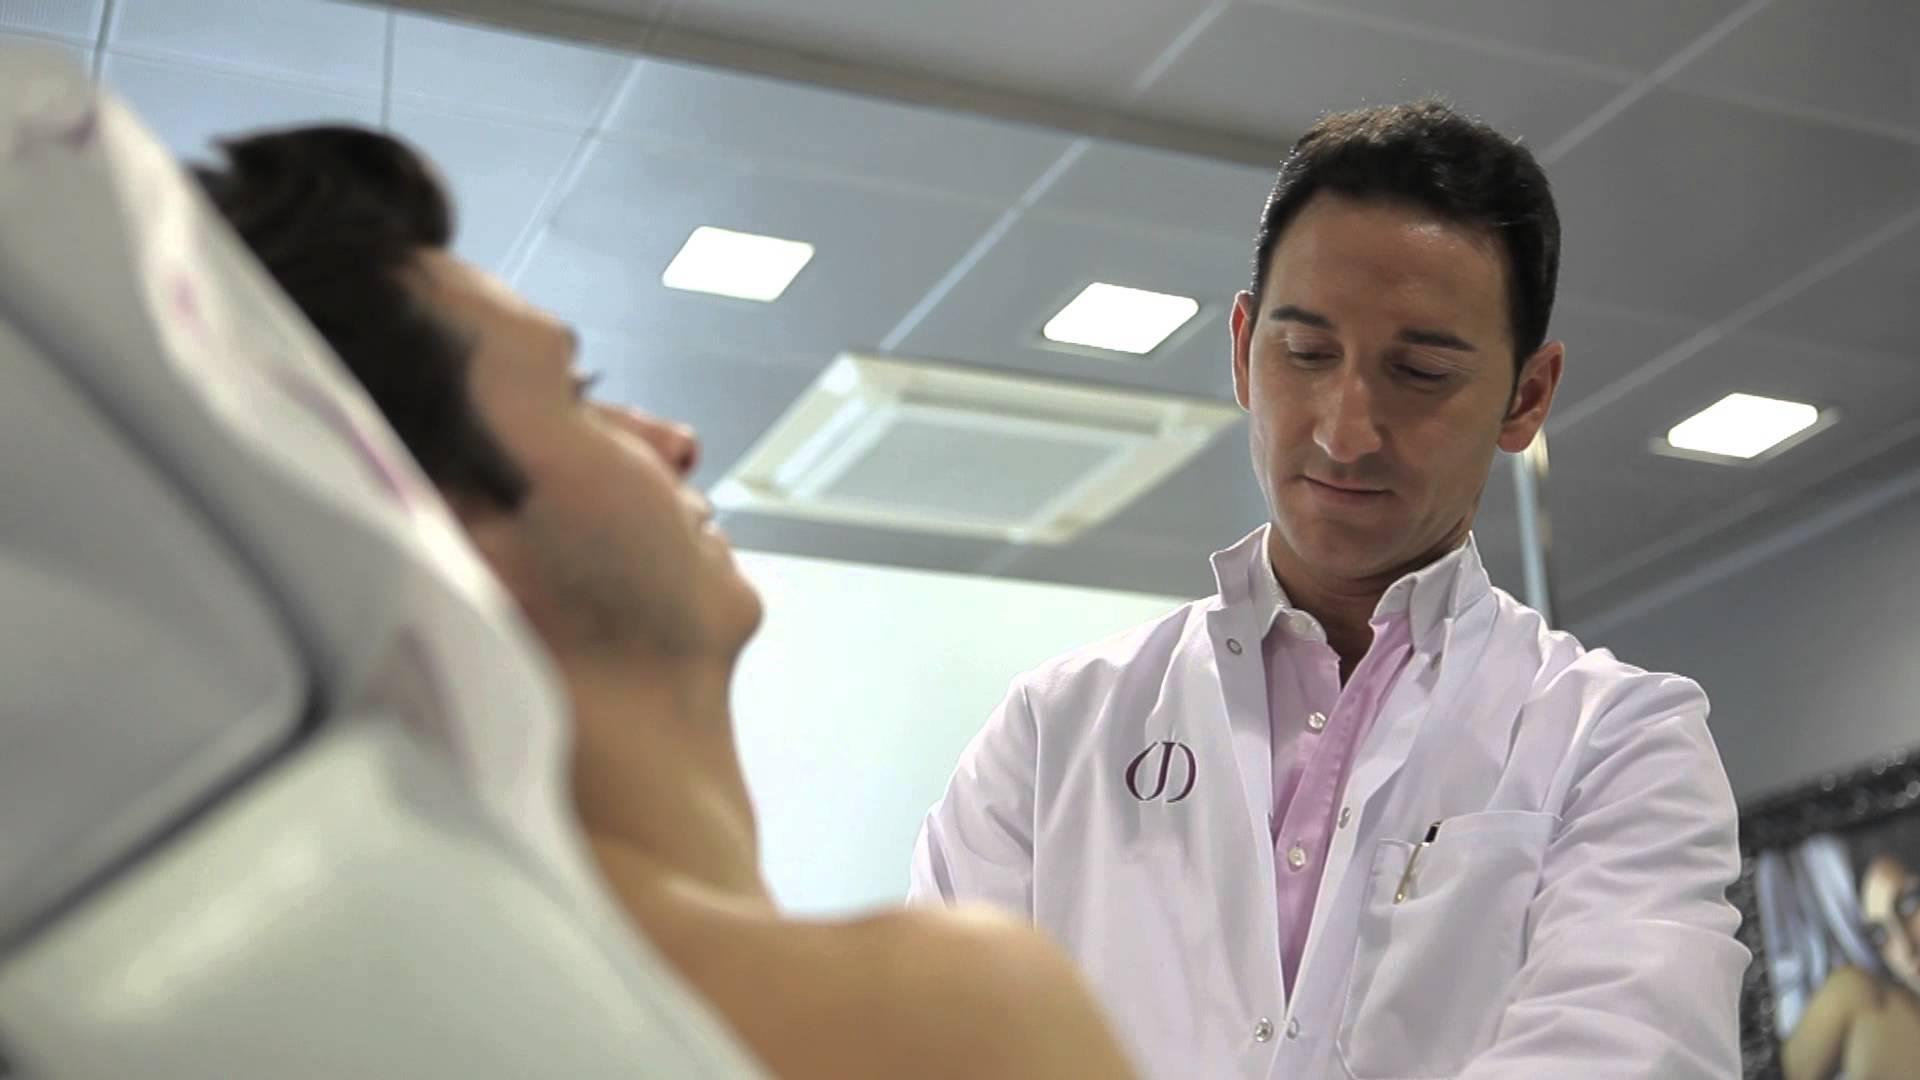 осмотр врачом мужчины с гинекомастией